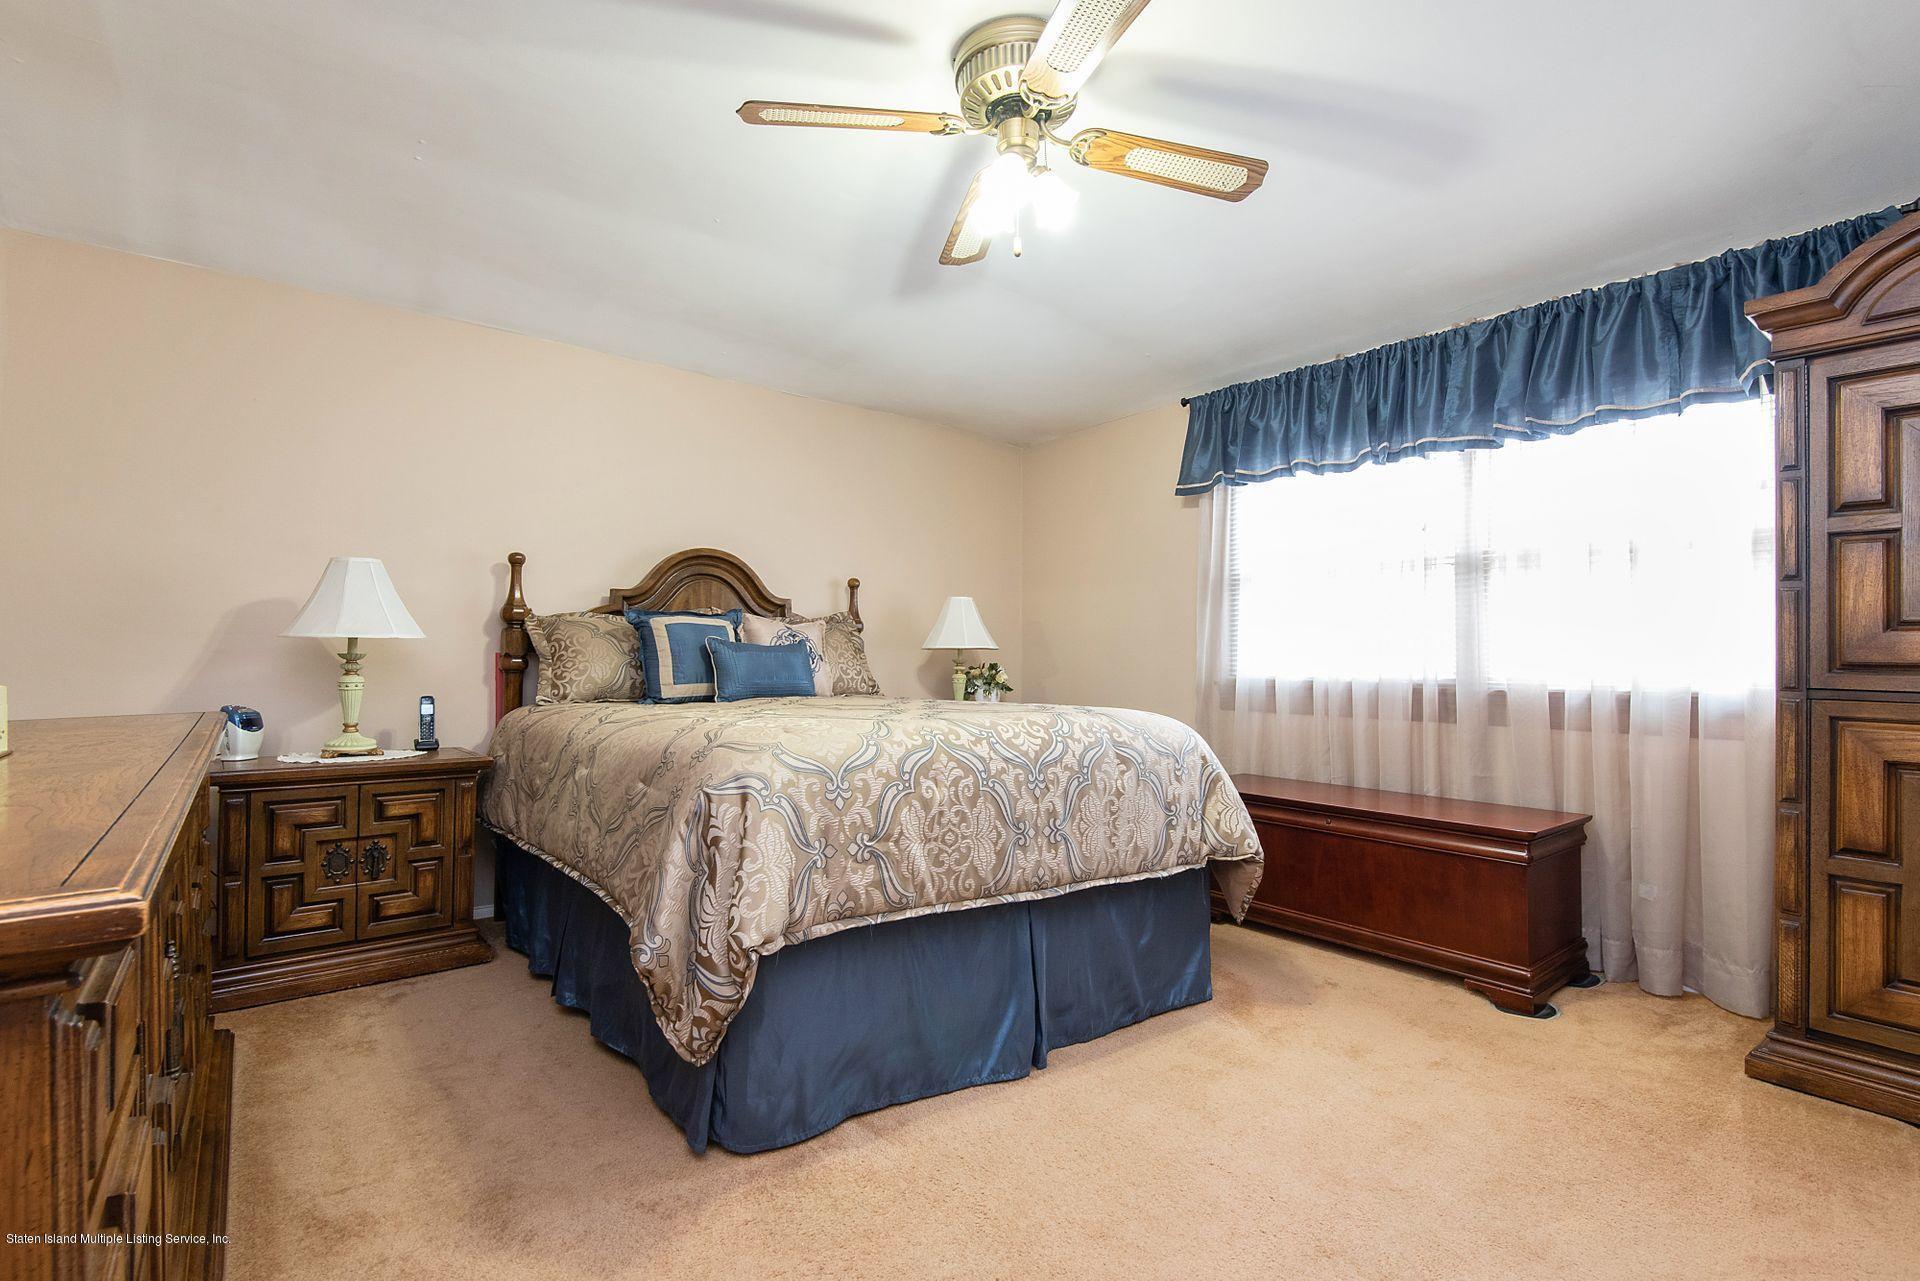 Single Family - Semi-Attached 69 Moffett Street  Staten Island, NY 10312, MLS-1131934-6